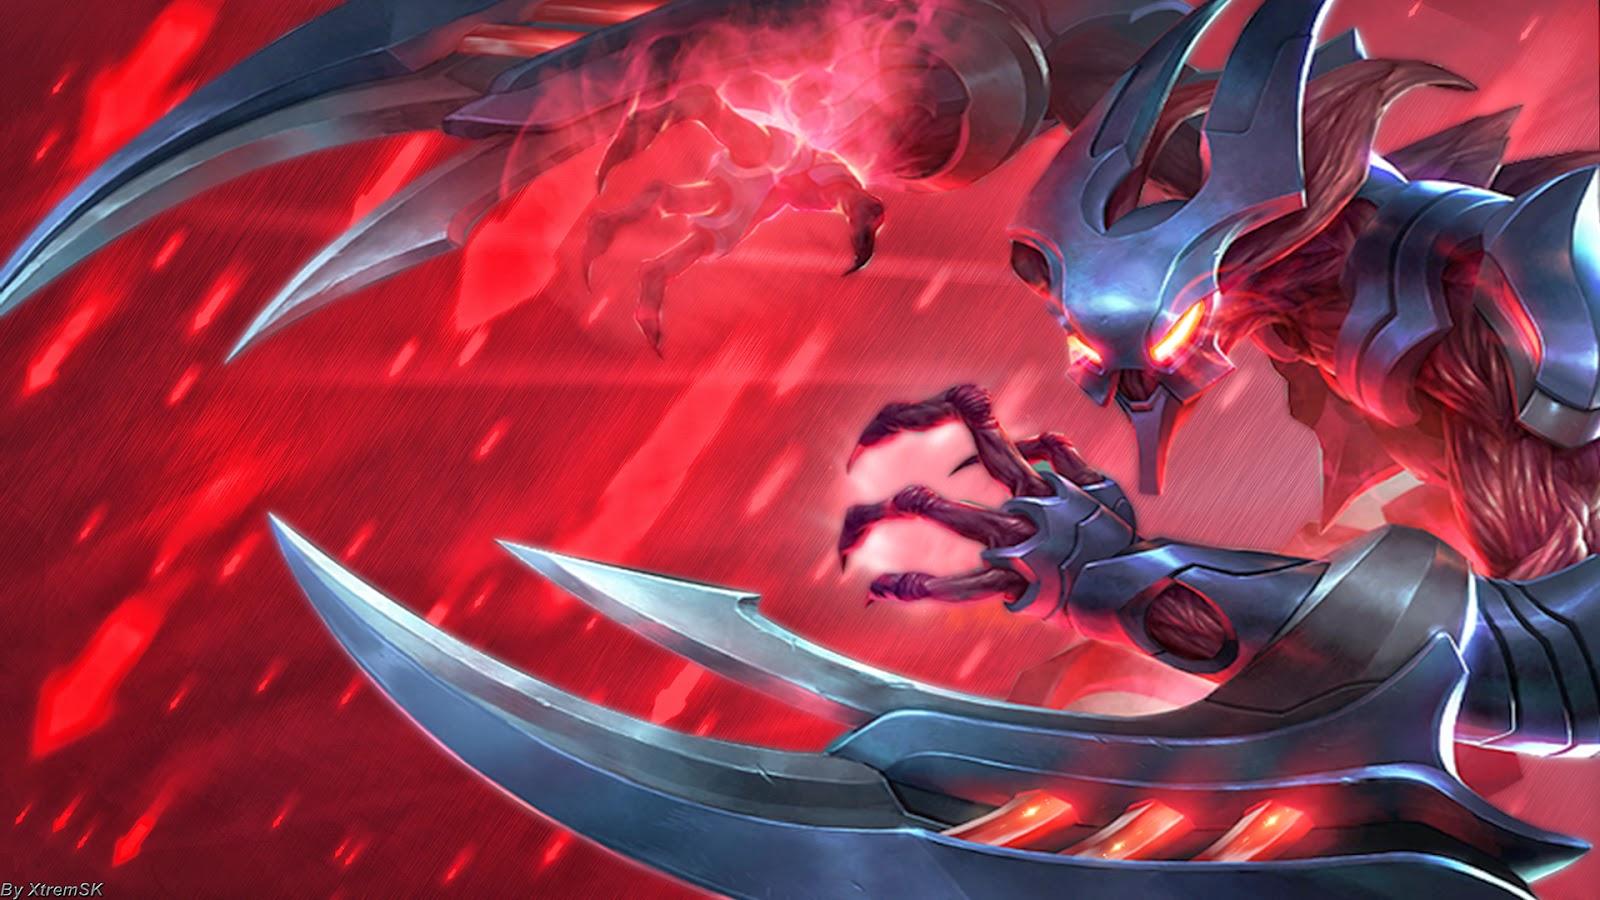 I Quit Wallpaper Hd Nocturne League Of Legends Wallpaper Nocturne Desktop